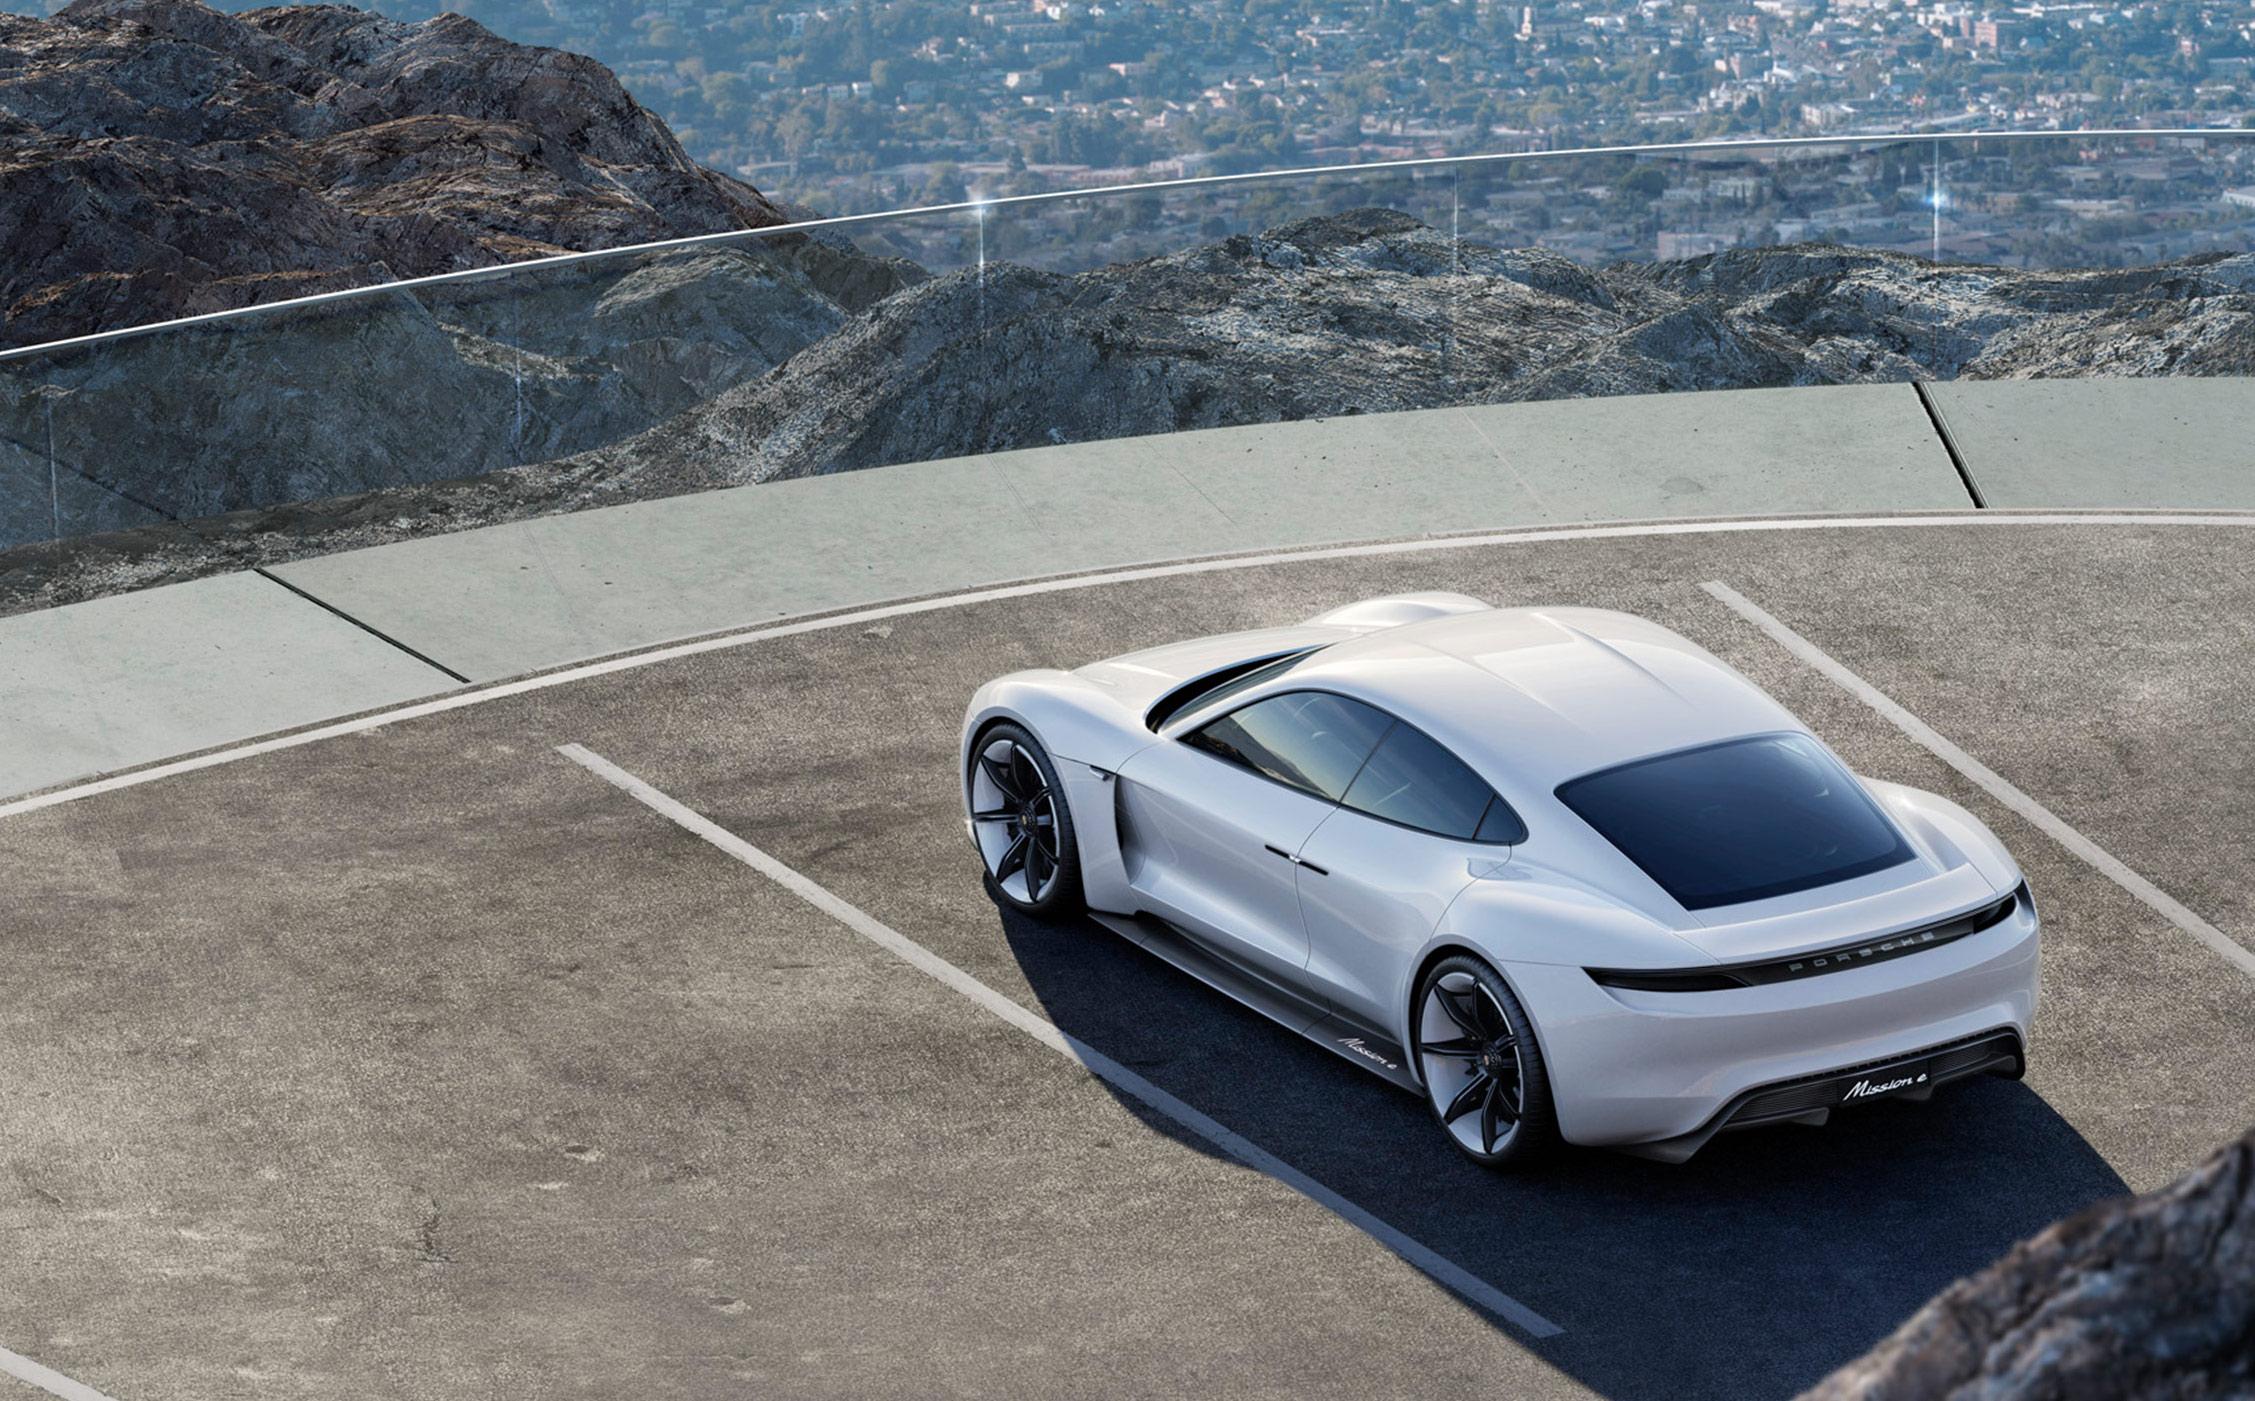 Porsche Taycan la prima porsche full electric | Collater.al